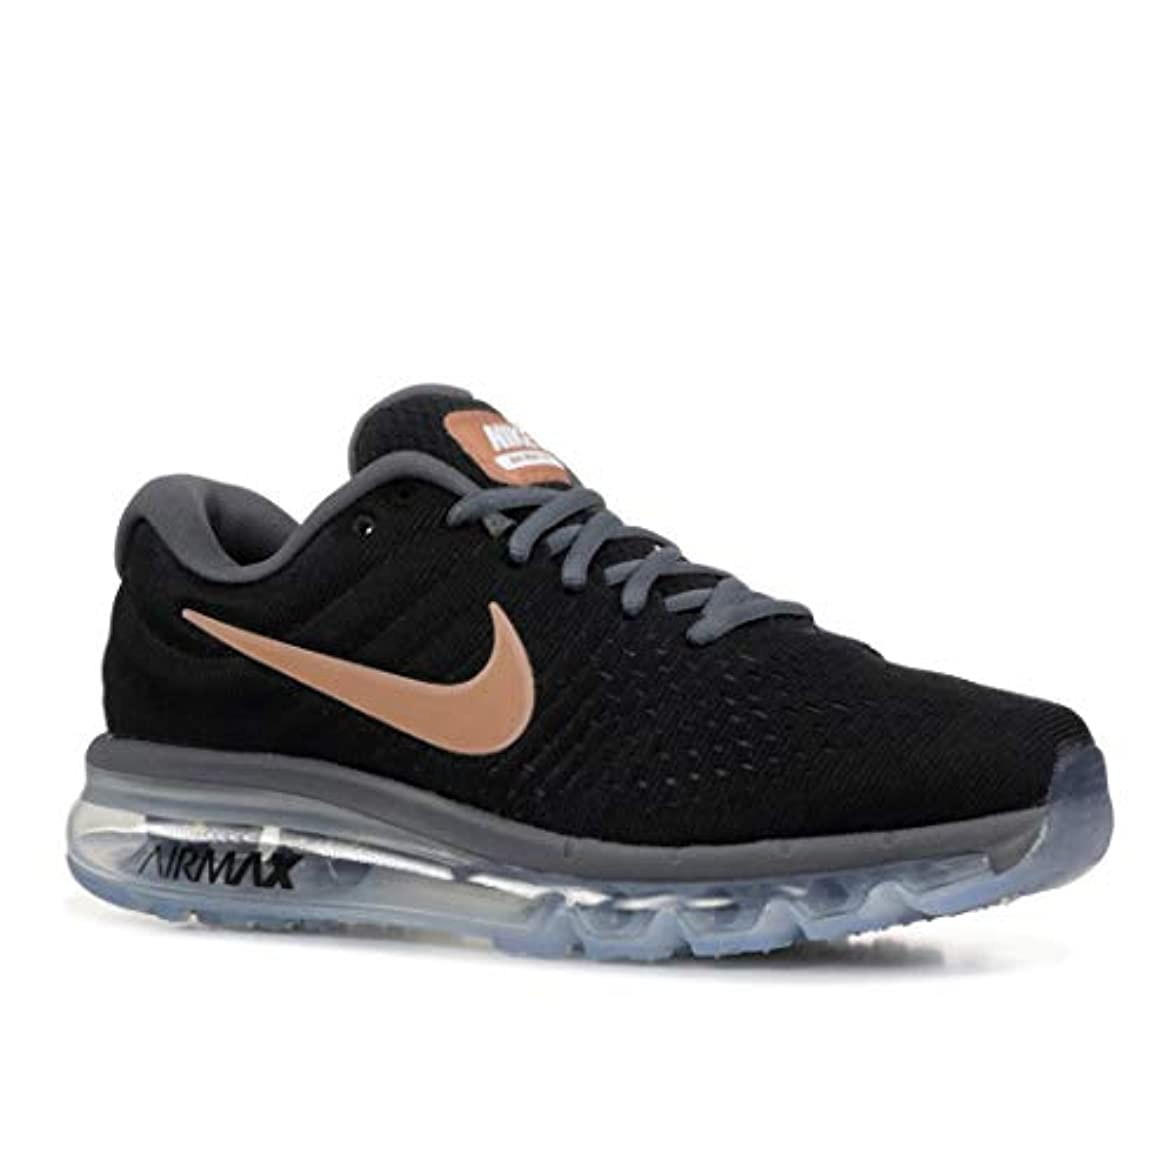 Nike 849560-002 Scarpe Da Fitness Donna